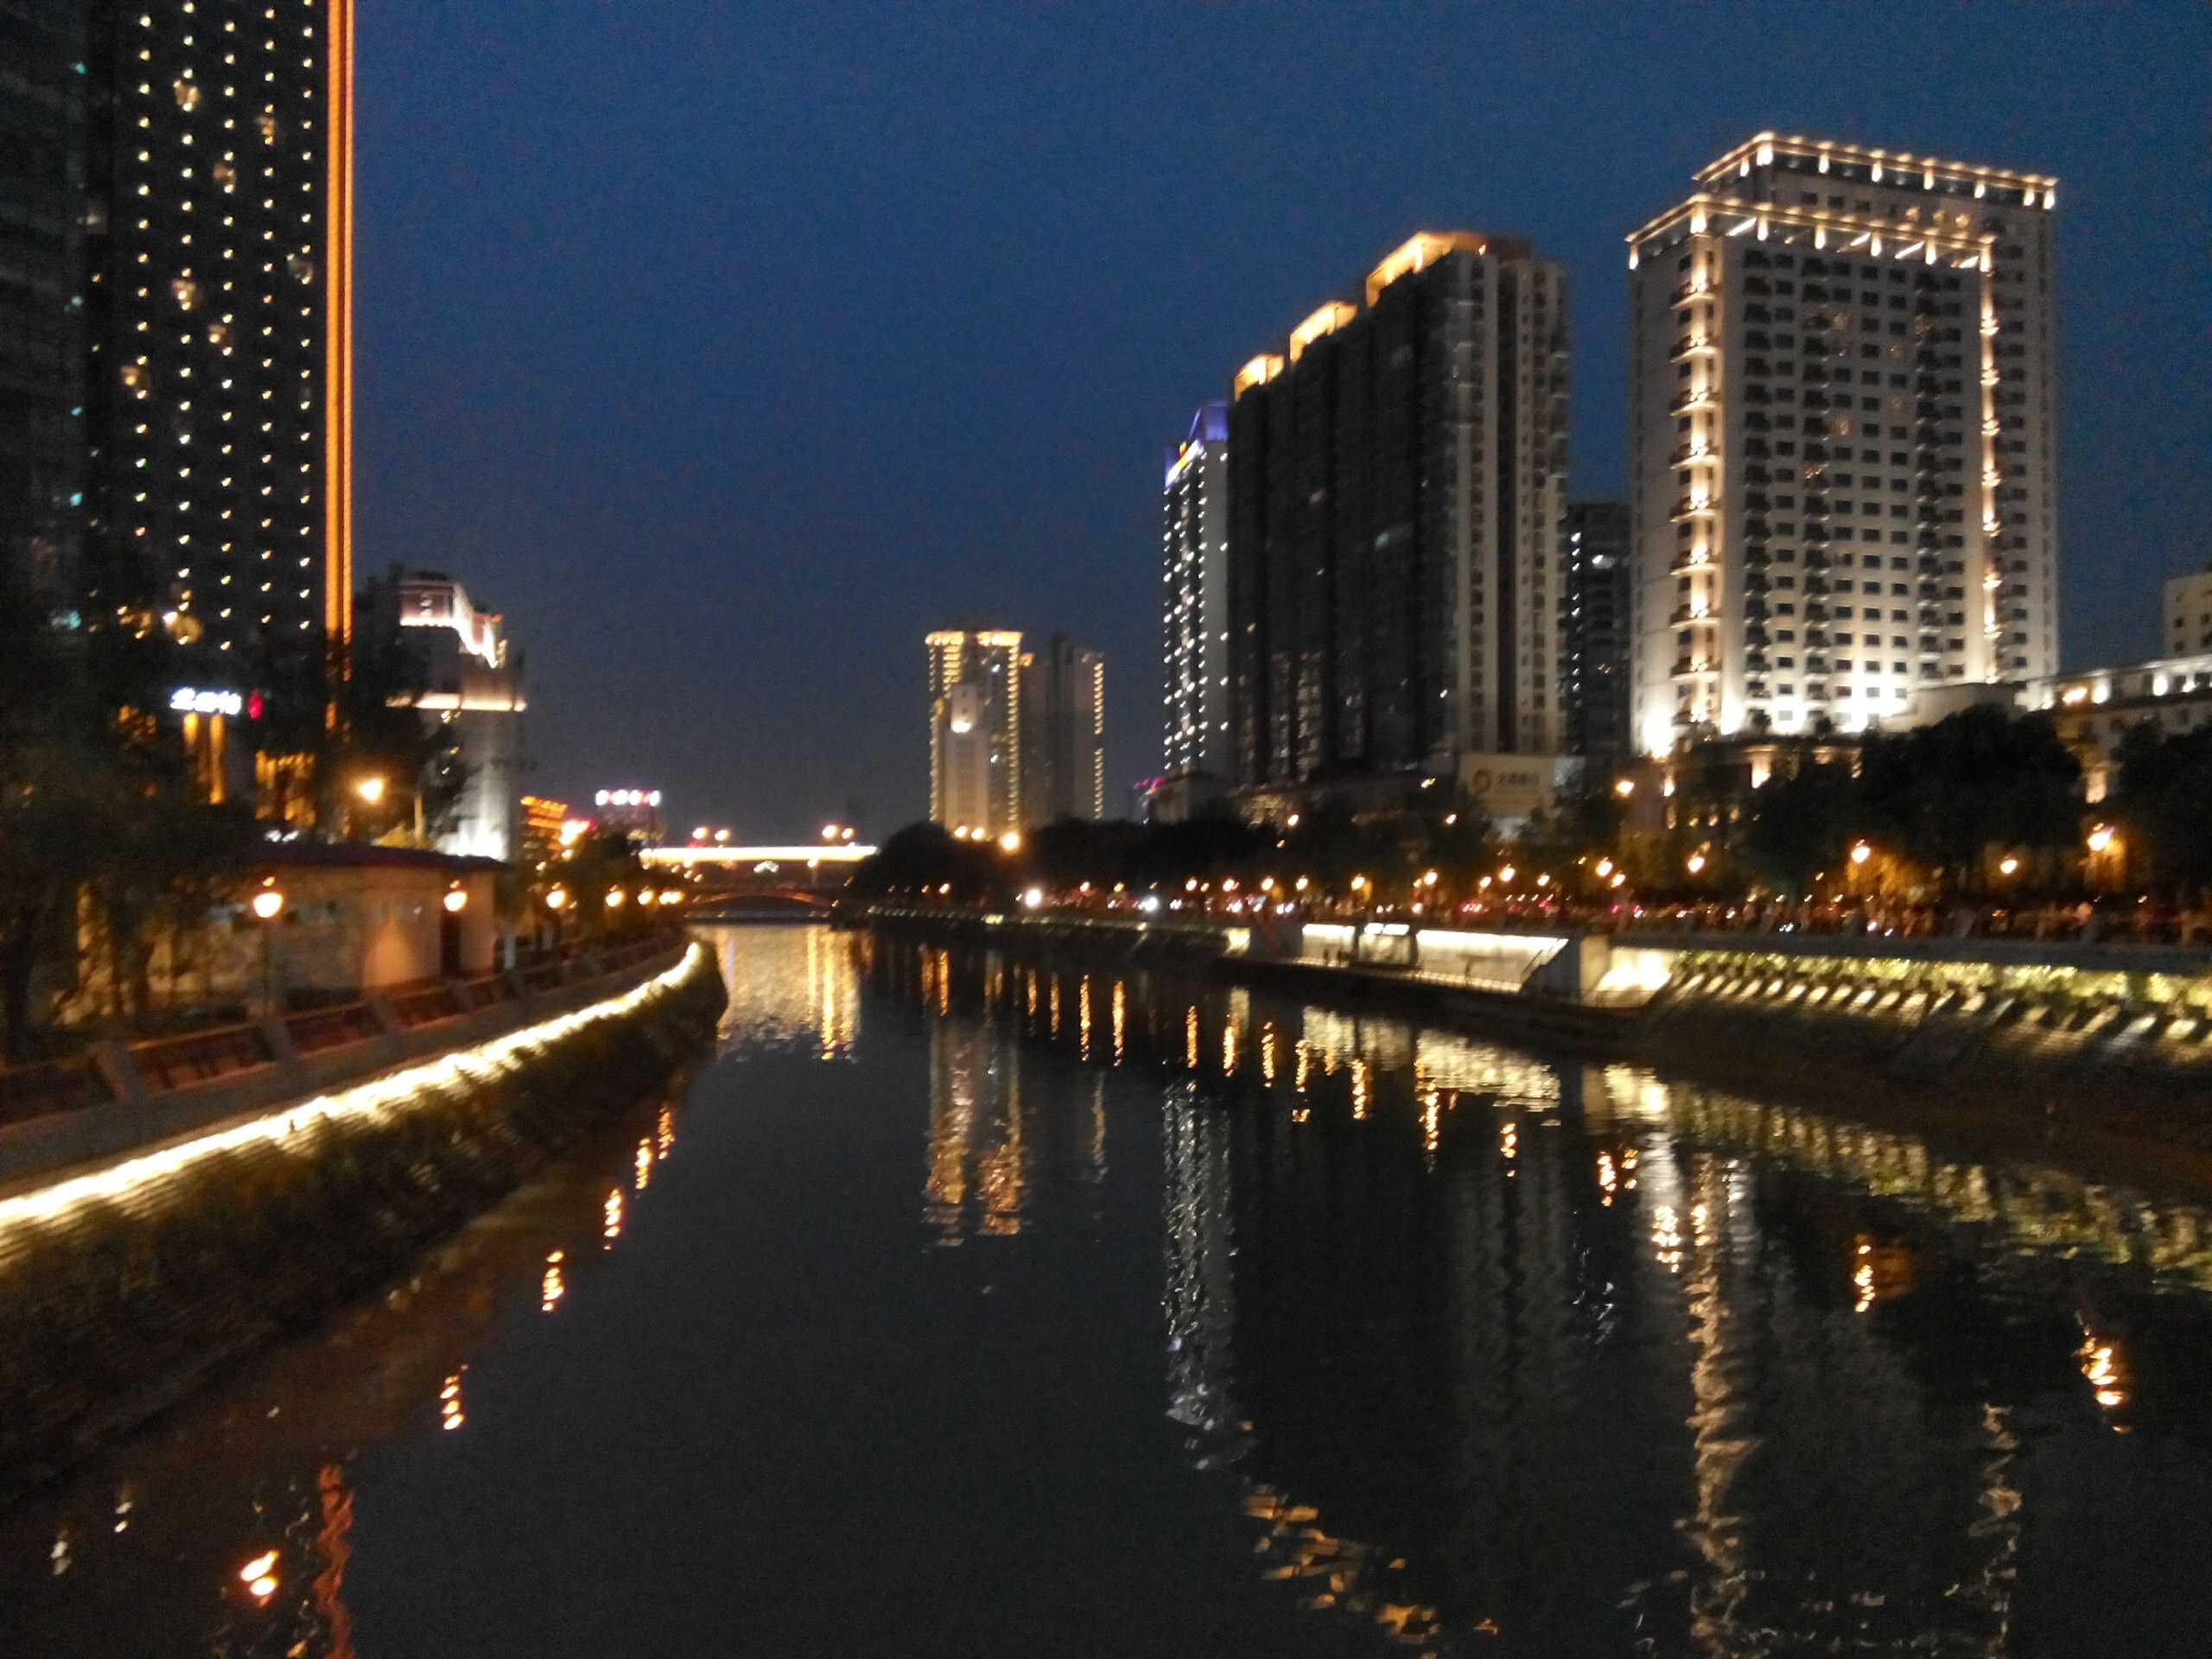 【城市夜景】-唯美成都